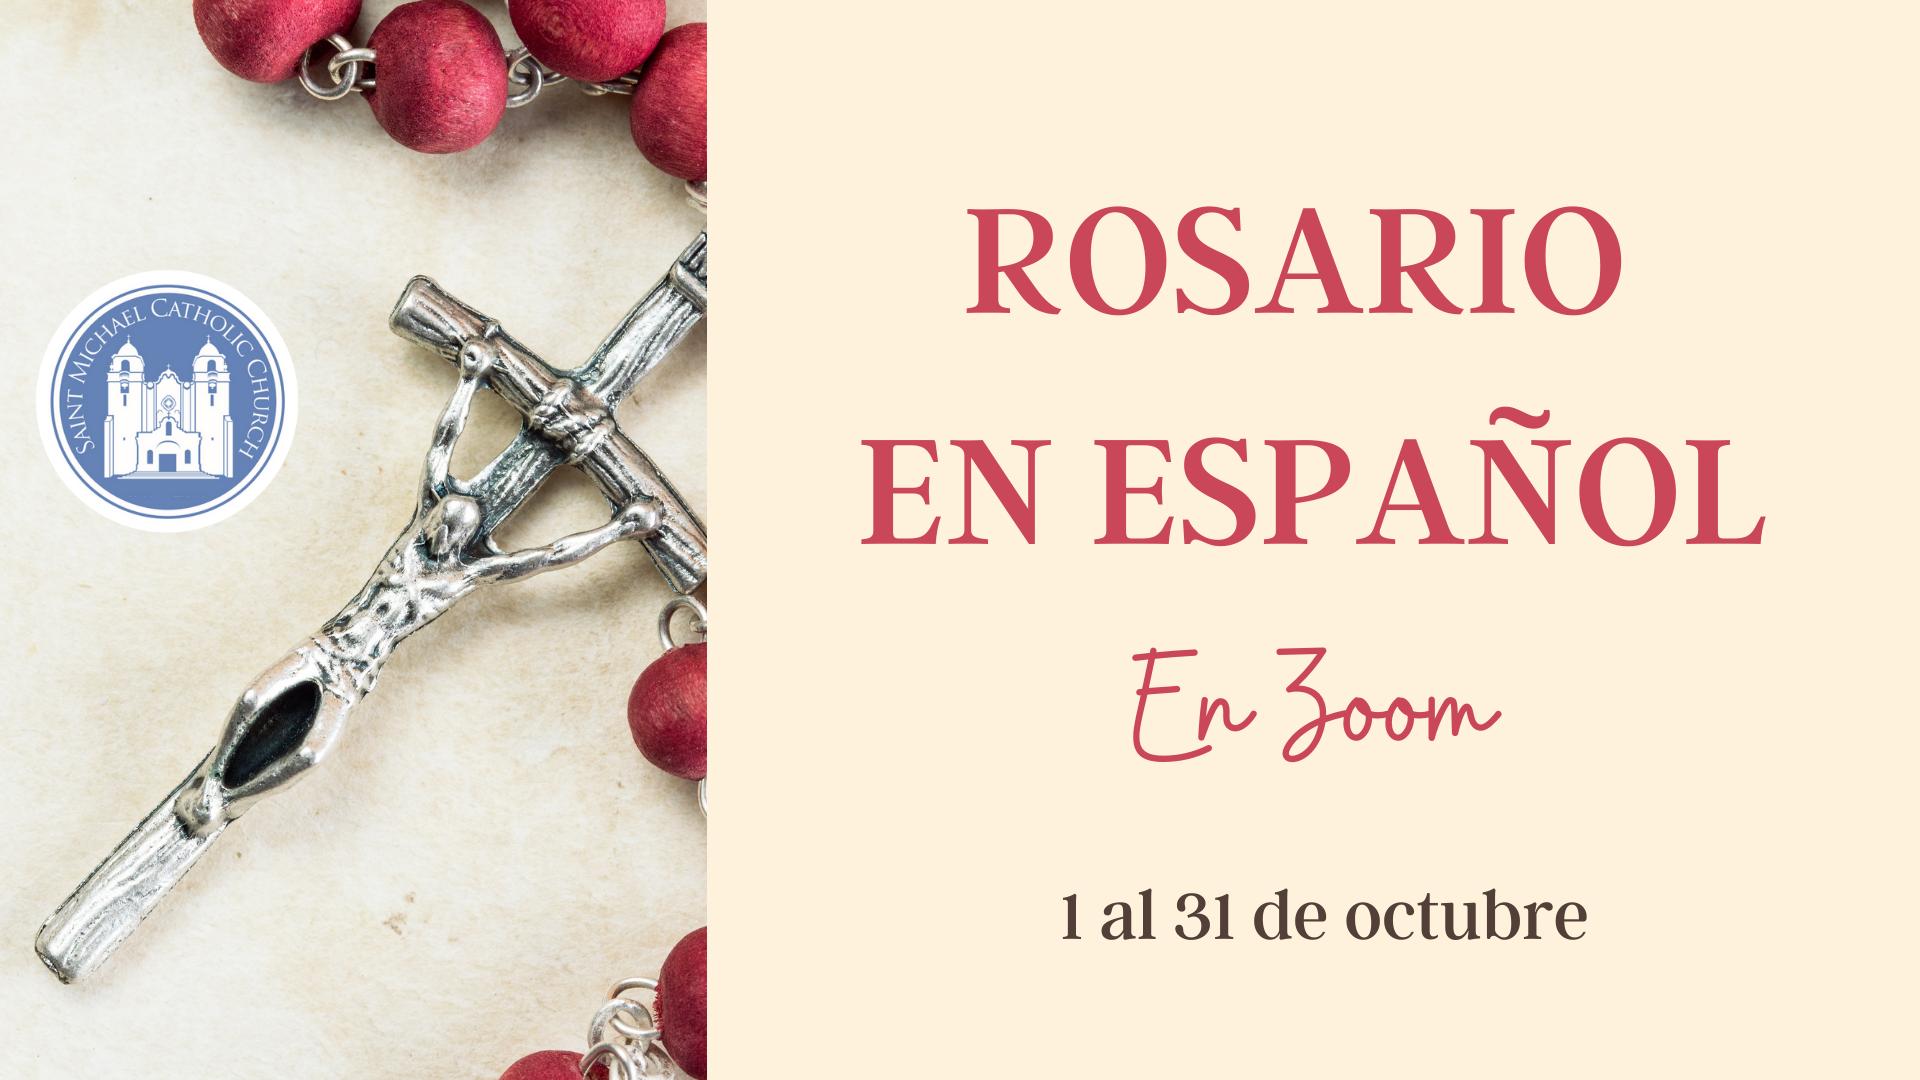 Rosario en espanol october 2020